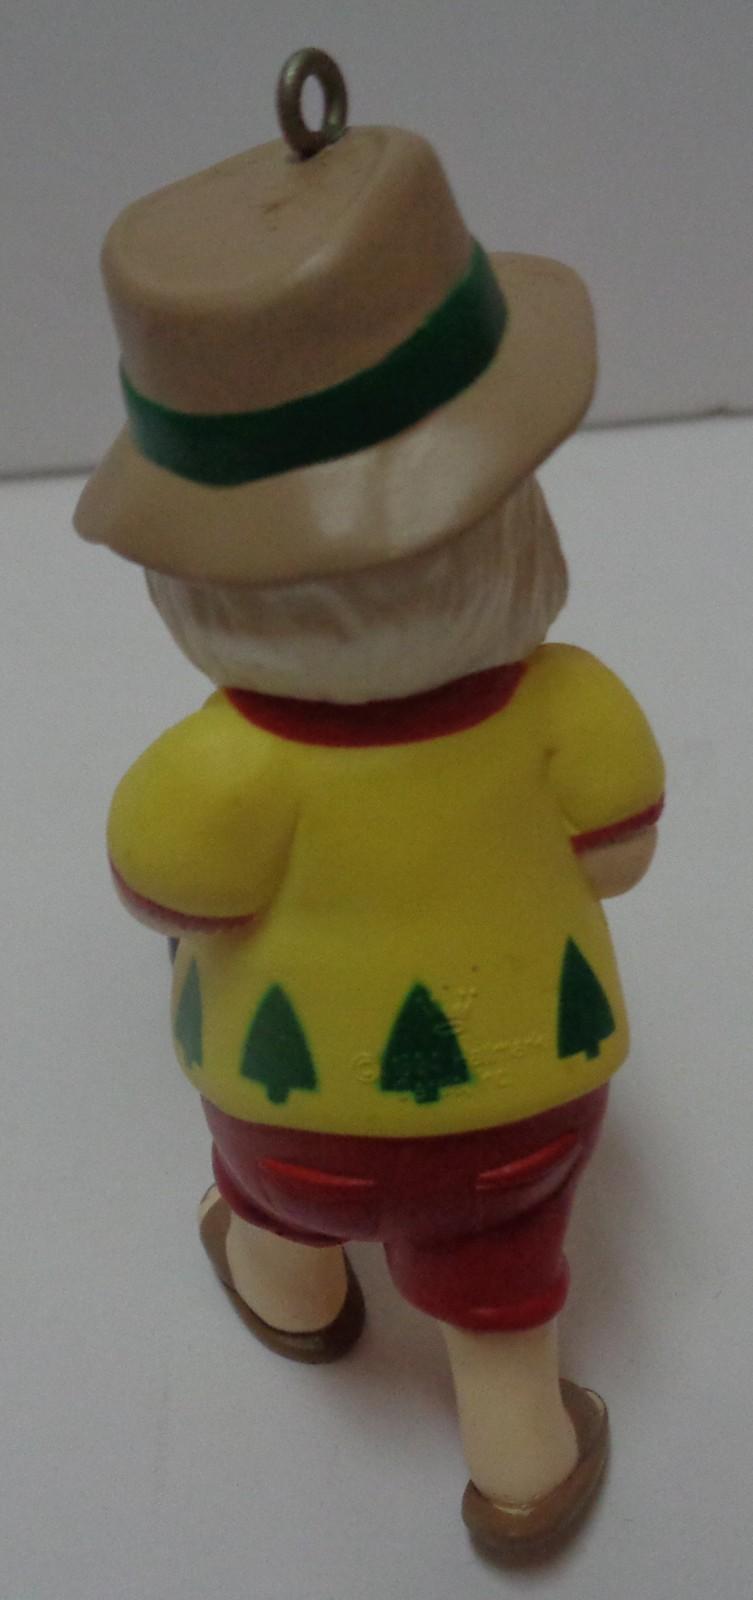 Hallmark KEEP ON MOWIN Keepsake Ornament 1994 NIB